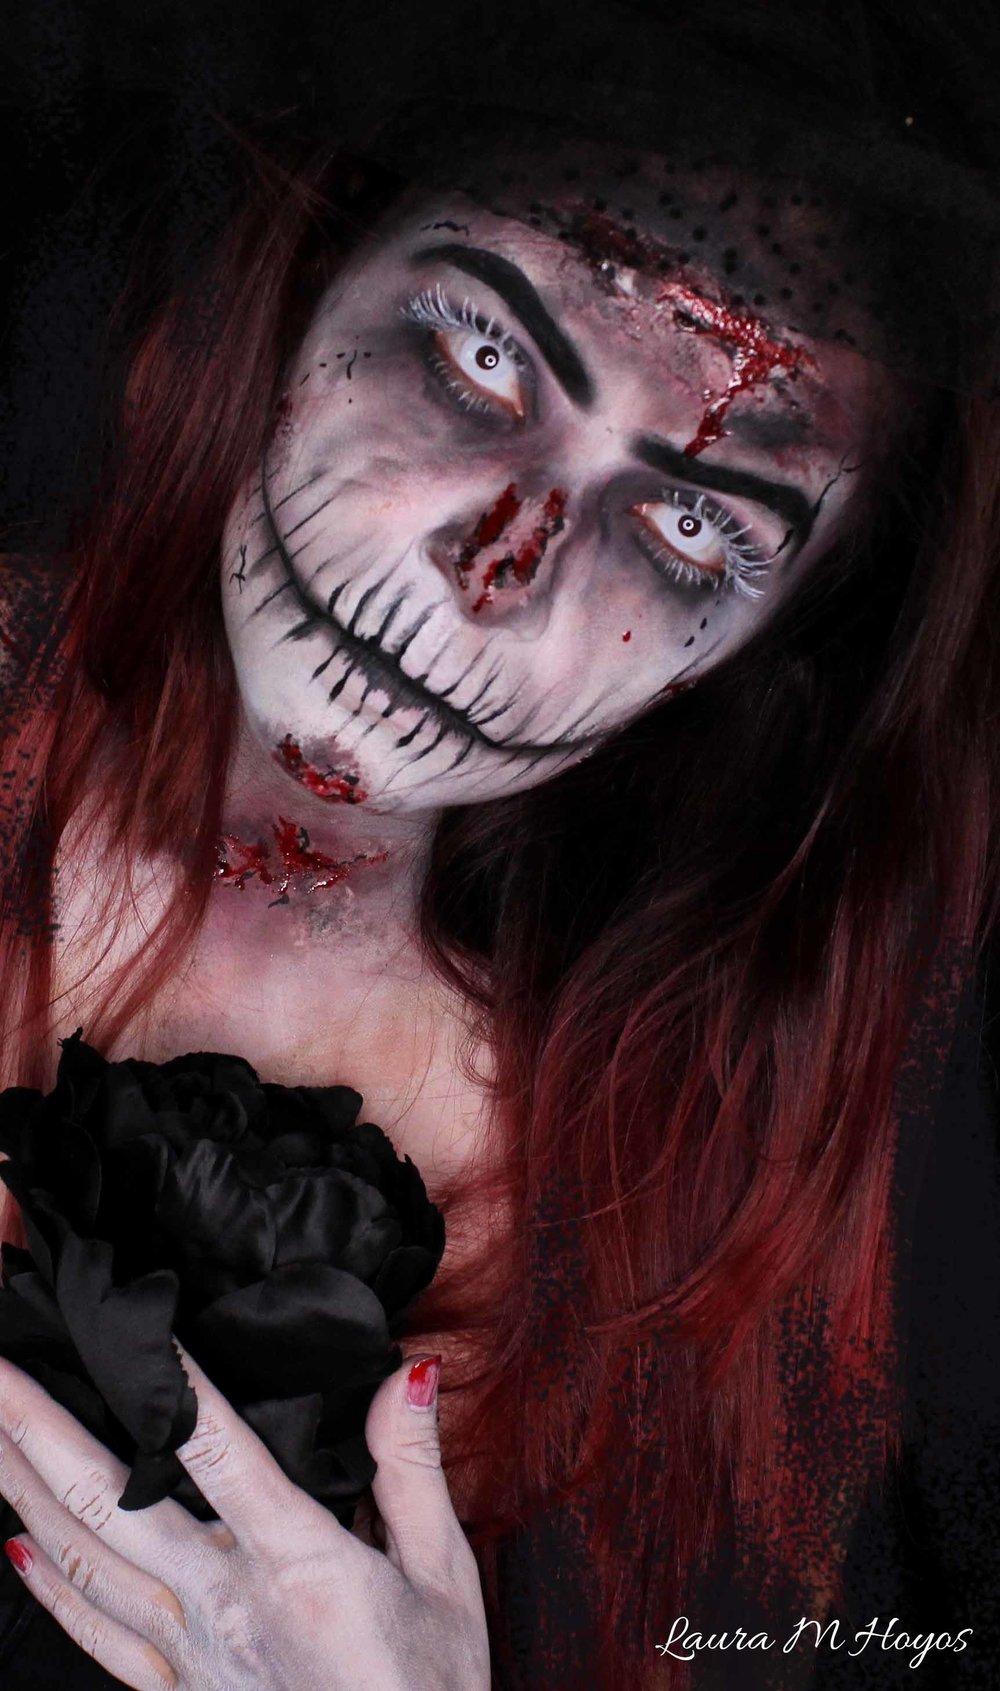 Deadbrideday7small1.jpg